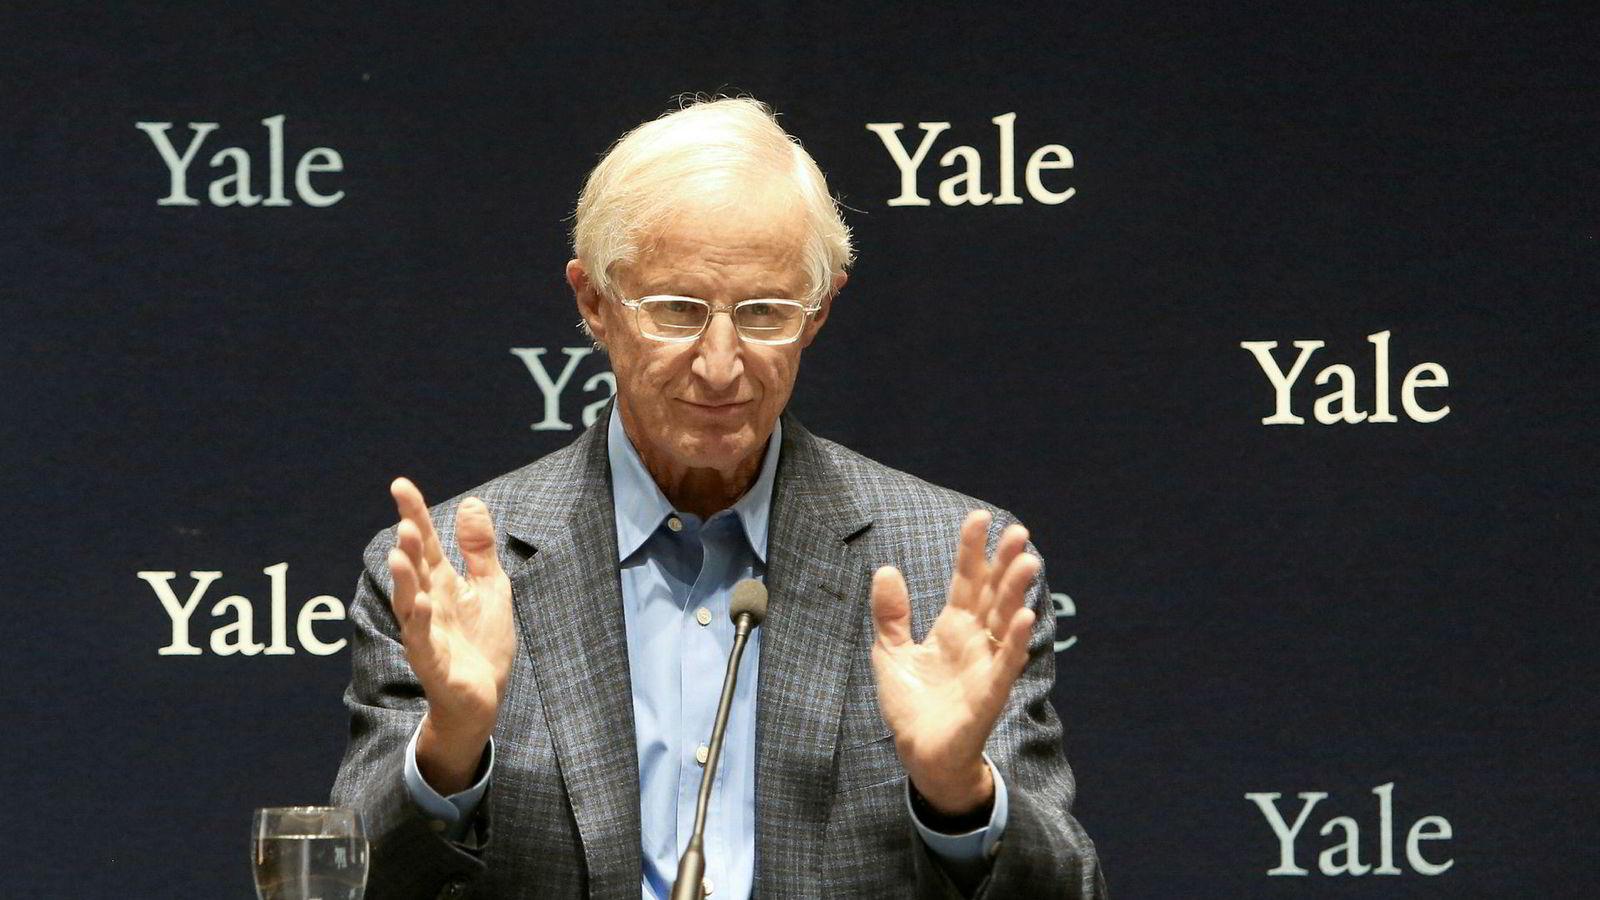 Spørsmålet om hva samfunnet bør gjøre dersom lønnsomhetsberegningene viser at det er mest lønnsomt å la verden gå til grunne, aktualiseres av at økonomen William Nordhaus tildeles Nobels minnepris i økonomi mandag 10. desember.